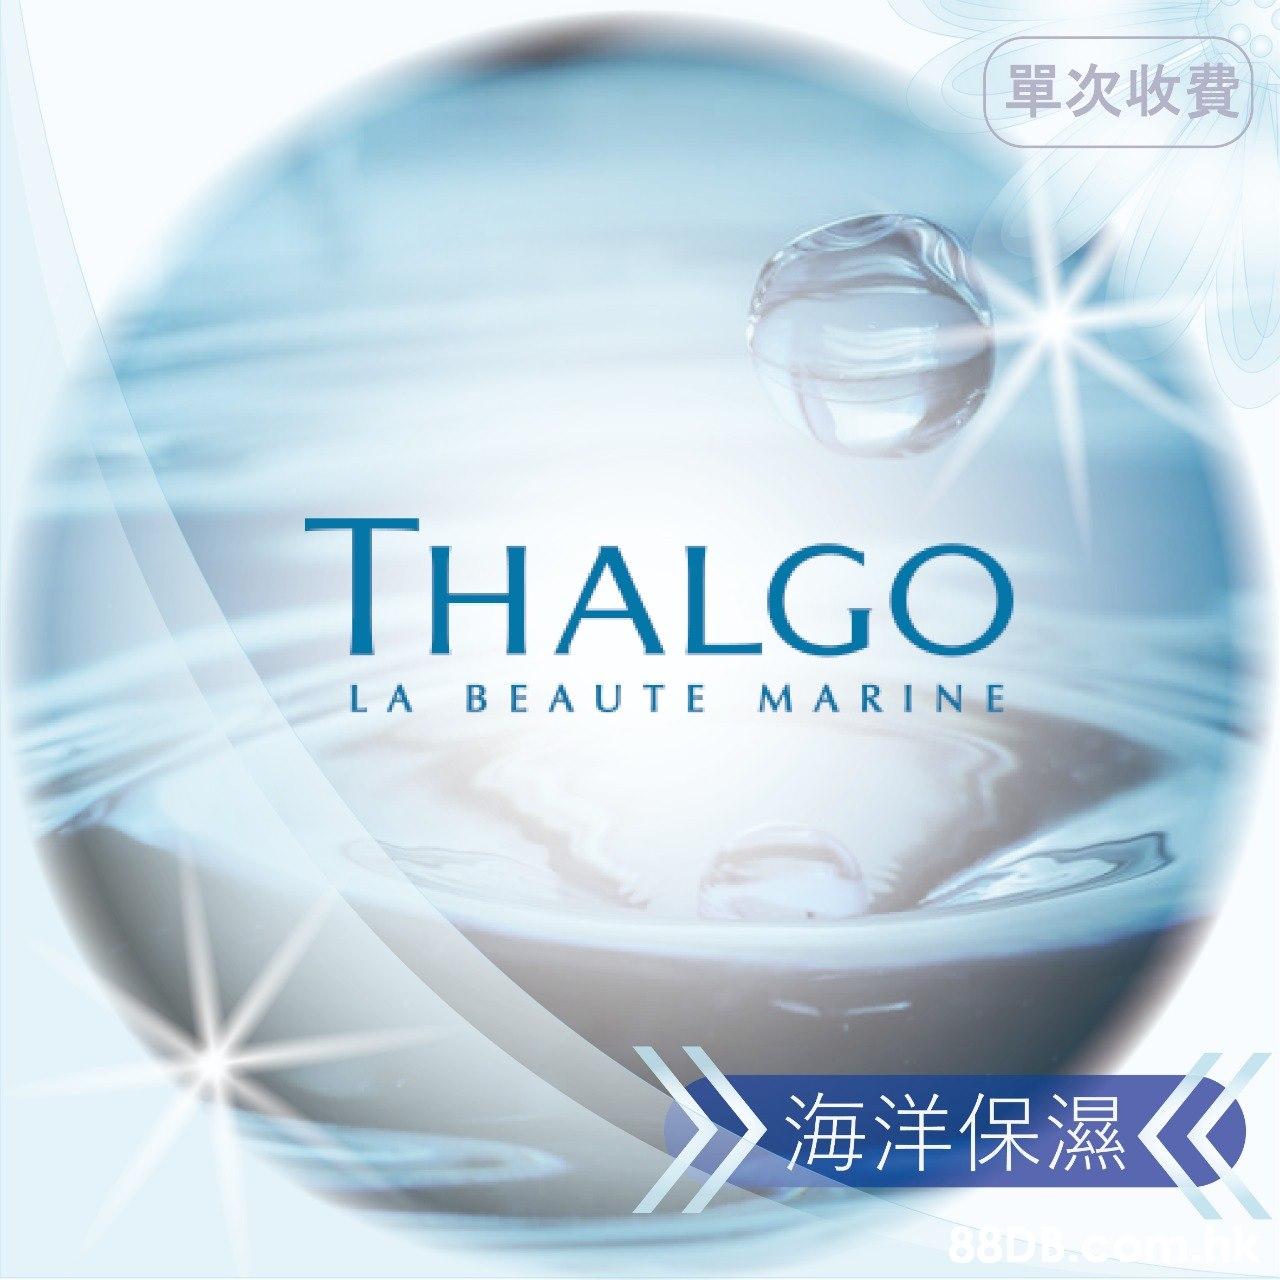 單次收費 THALGO LA BEAUTE MARINE 海洋保濕く 88DB.co  Product,Text,Water,Font,Brand